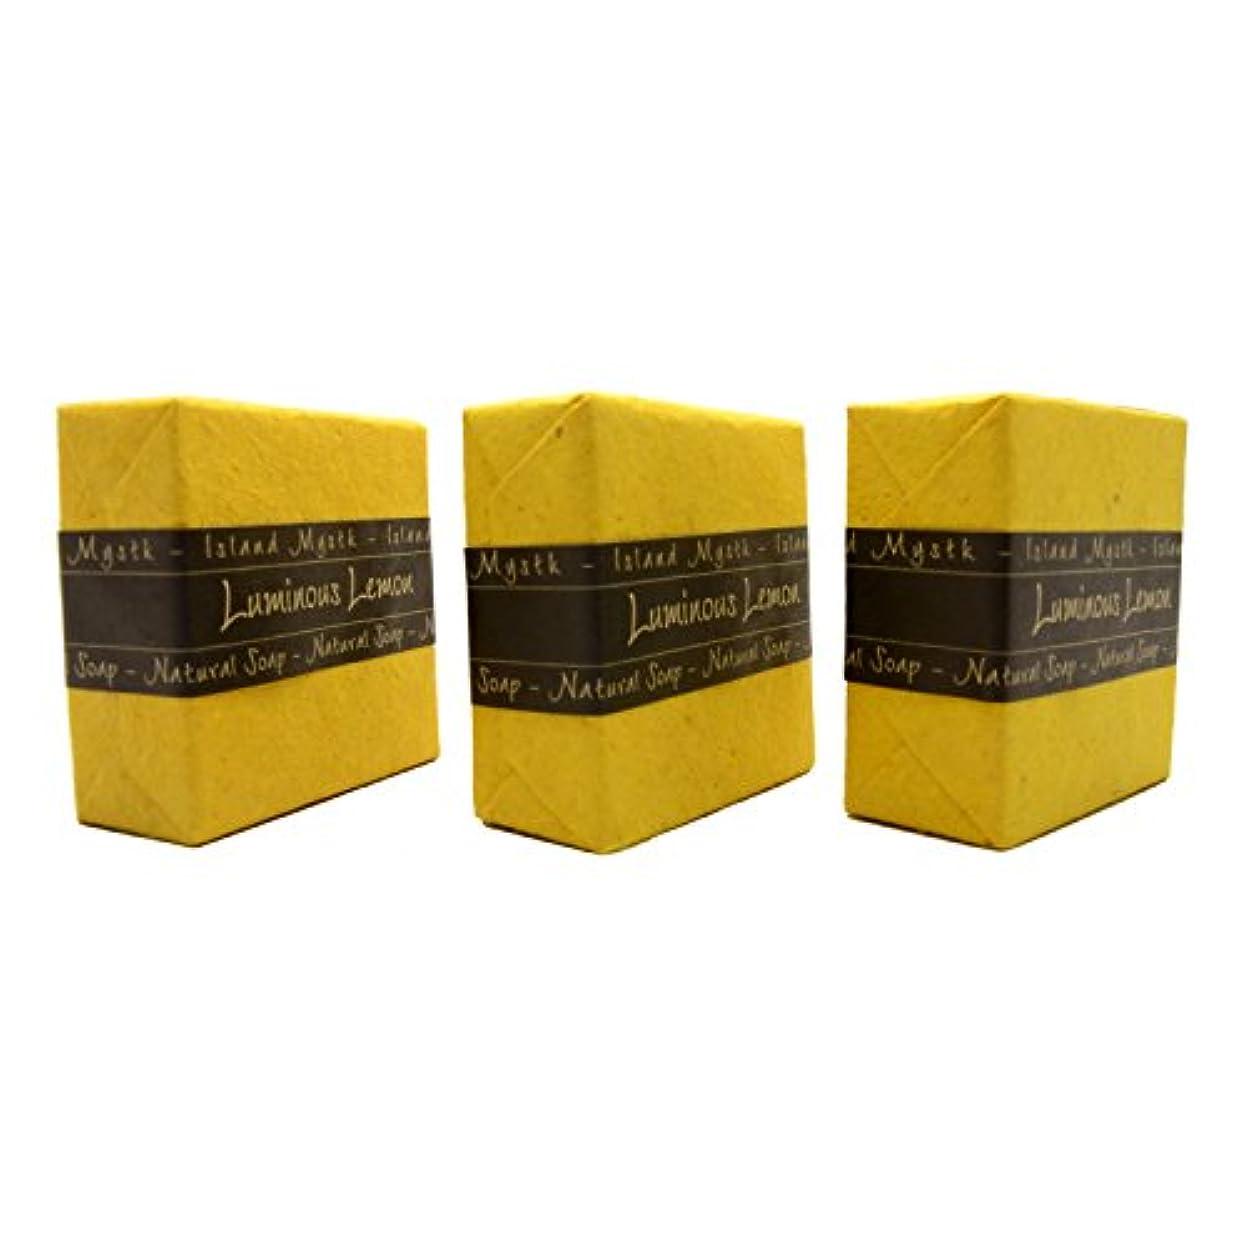 ハーネスフラップ病アイランドミスティック ルミナスレモン 3個セット 115g×3 ココナッツ石鹸 バリ島 Island Mystk 天然素材100% 無添加 オーガニック